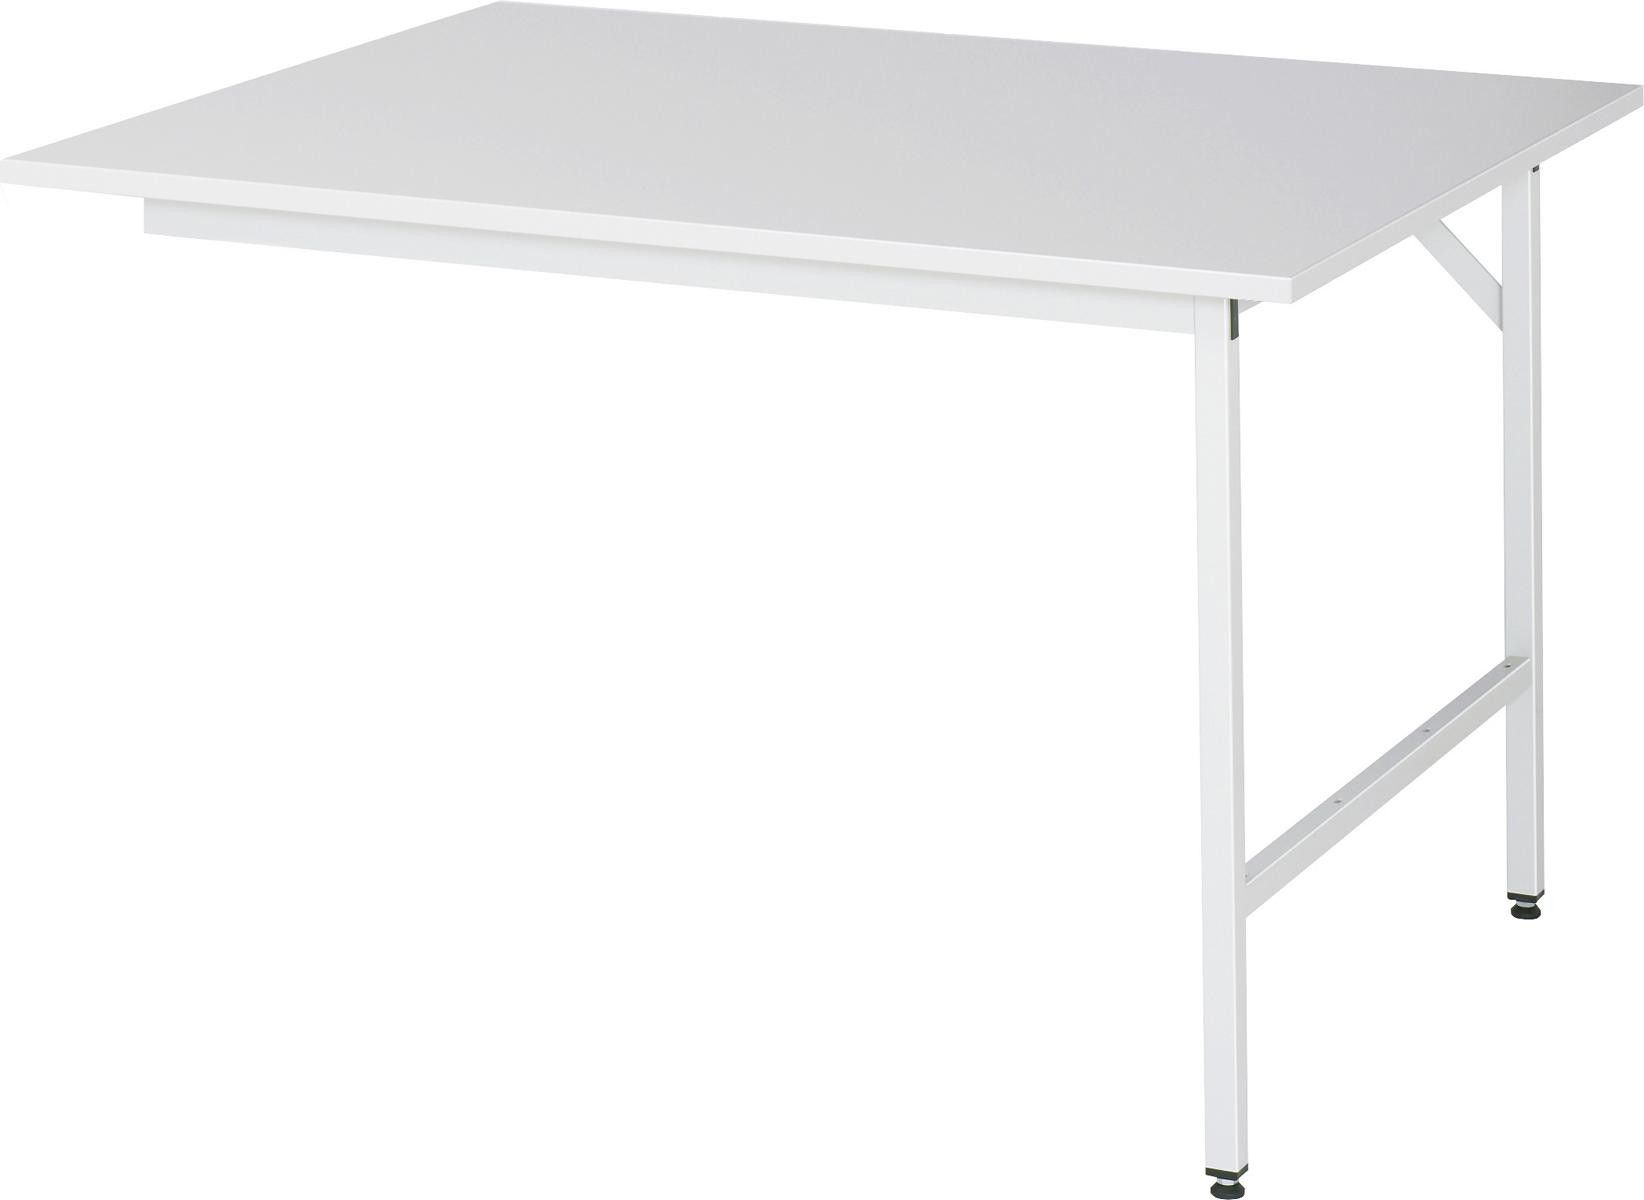 Arbeitstisch Serie Jerry Anbautisch 1250x800x800 850 Mm Egb Melaminharzbeschichtung 28mm In 2020 Mit Bildern Arbeitstisch Haus Deko Tisch